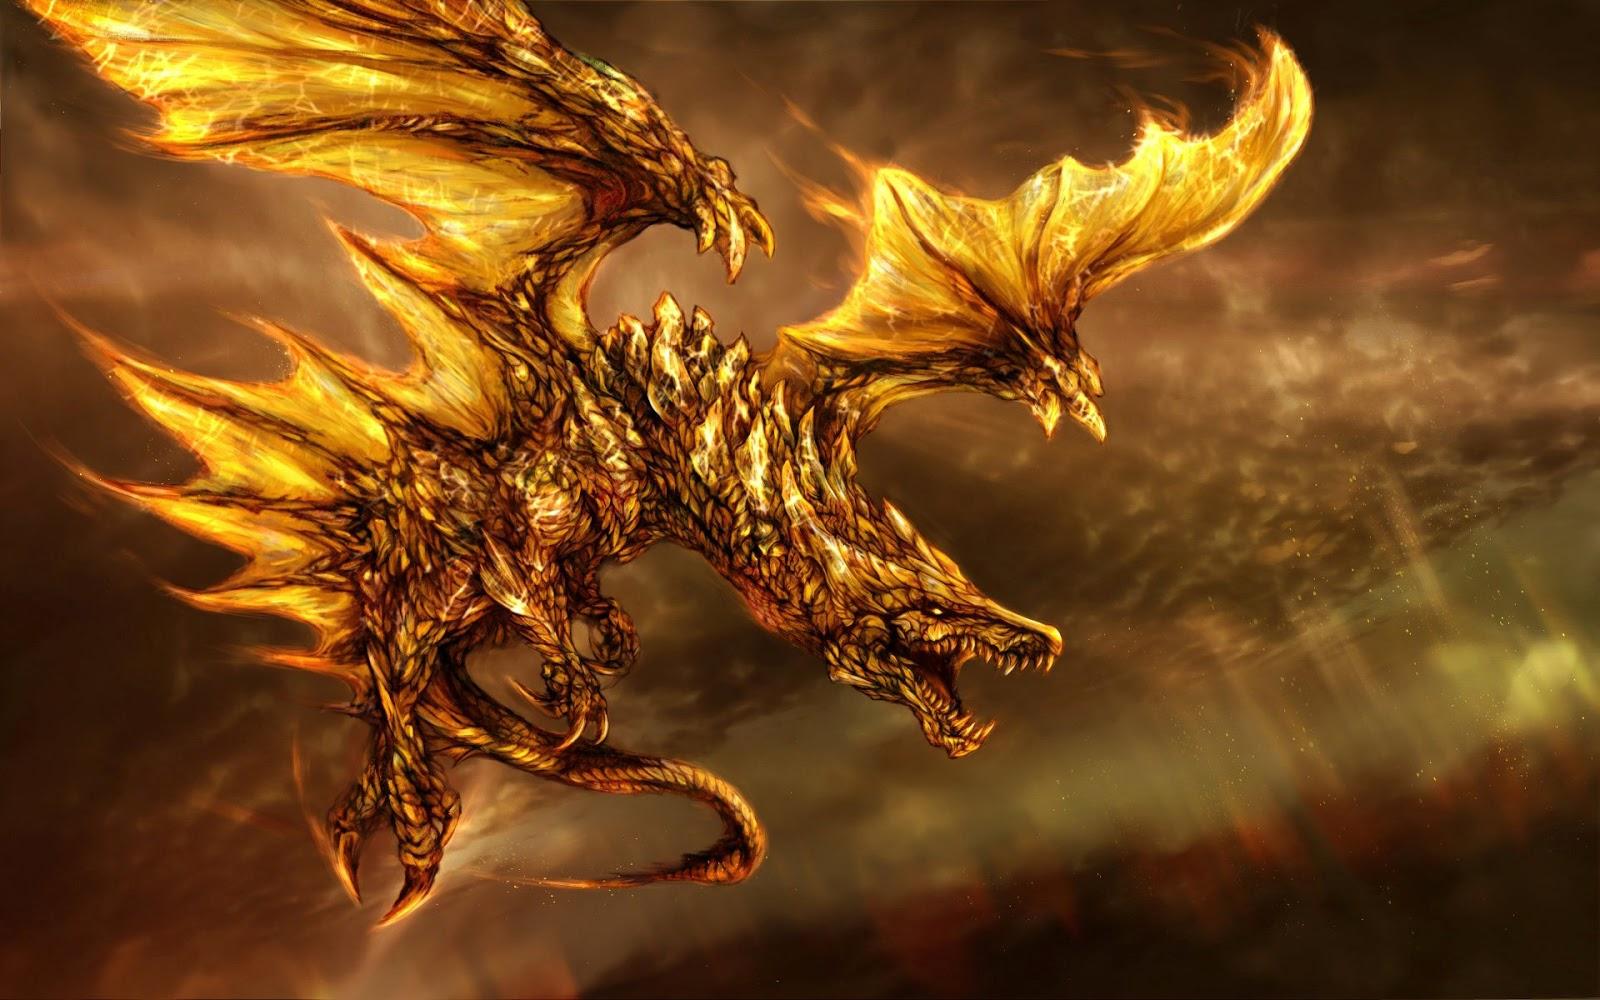 hd wallpaper dragon nest hd wallpaper dragon tattoo hd wallpaper 1600x1000